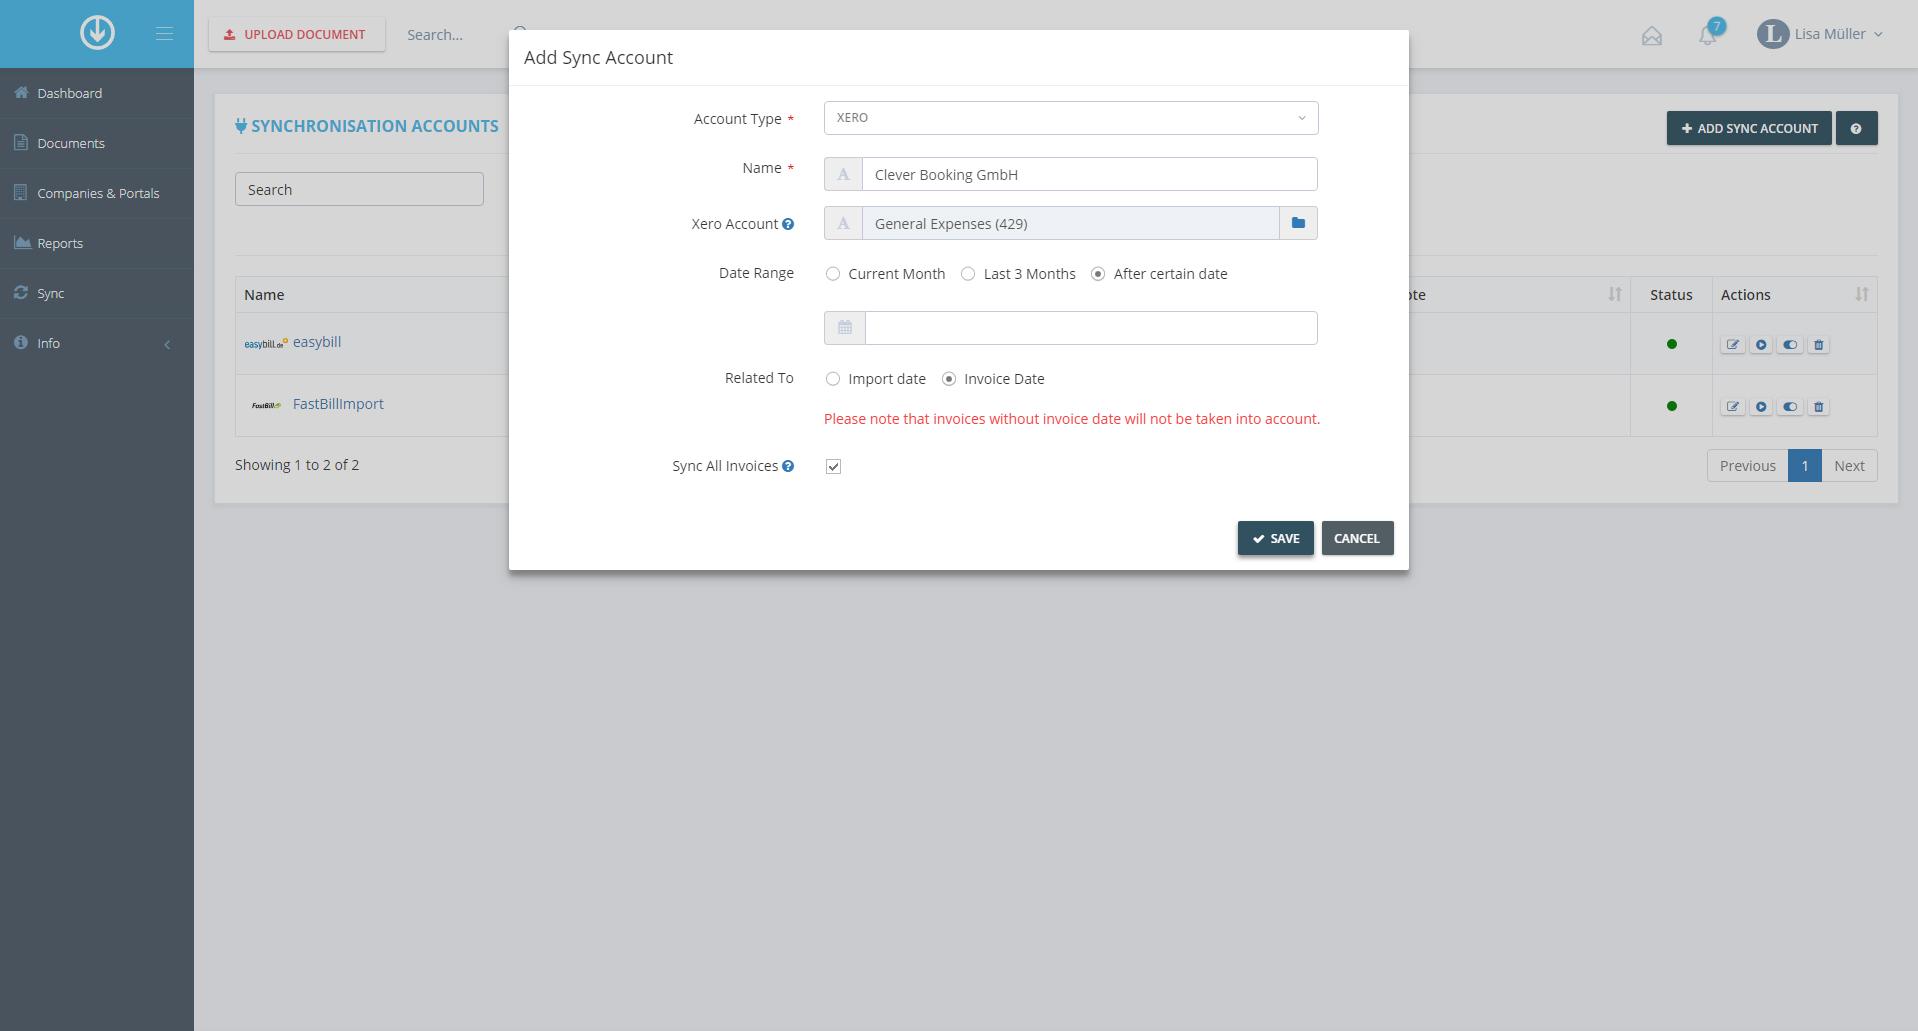 4. Add Synchronization Account